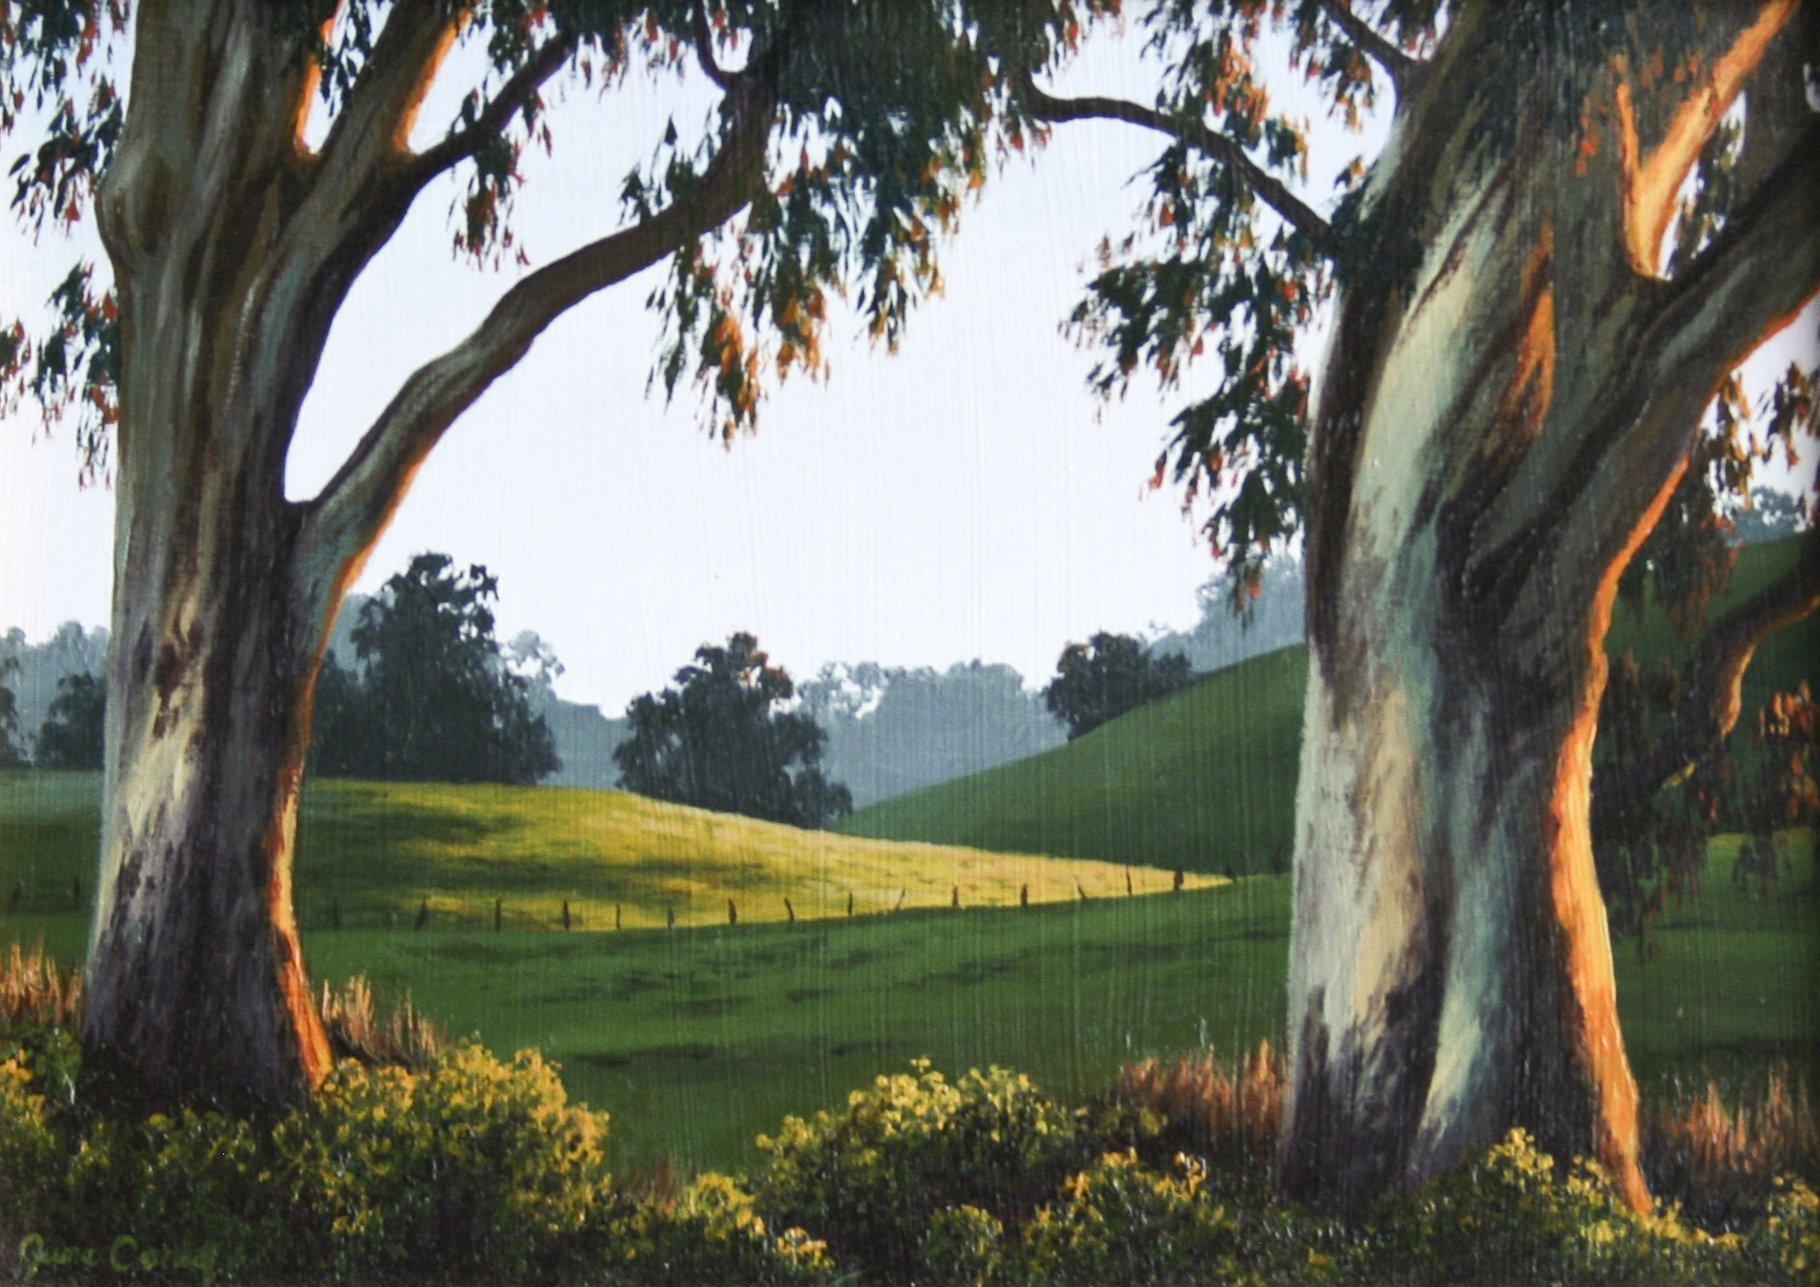 Carey, June – Untitled Landscape With Eucalyptus